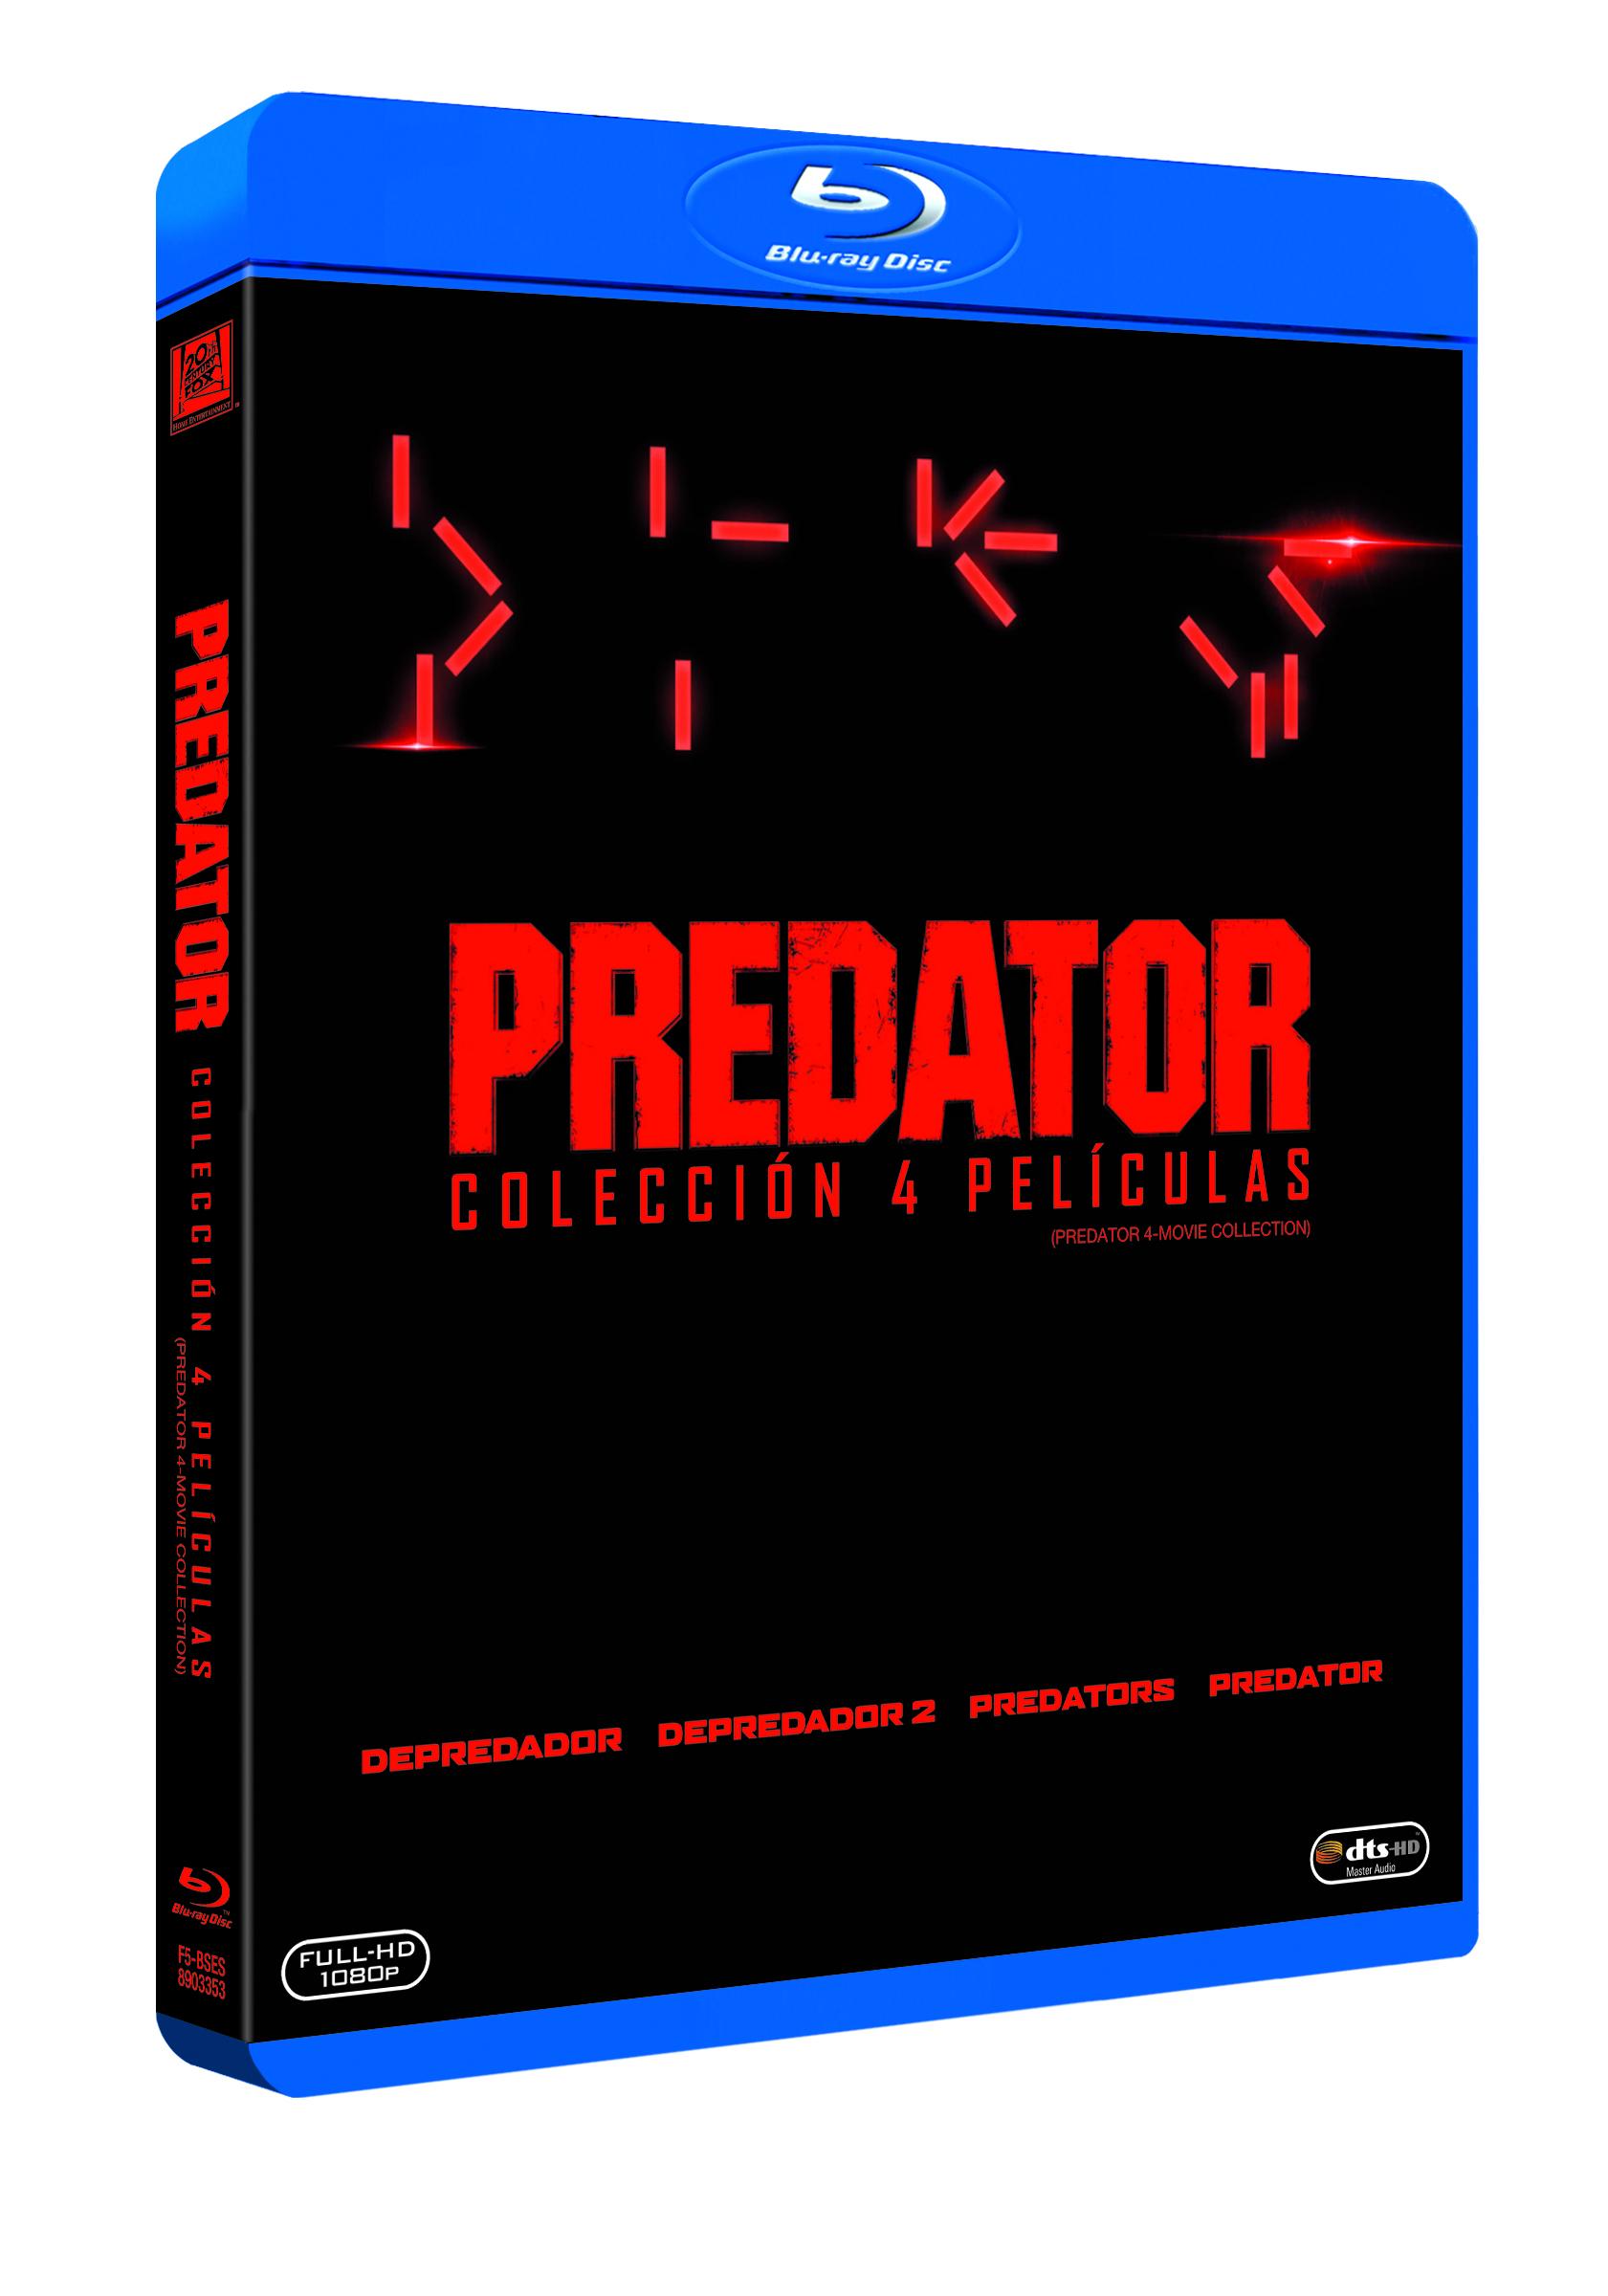 Edición coleccionista de la saga 'Predator'.